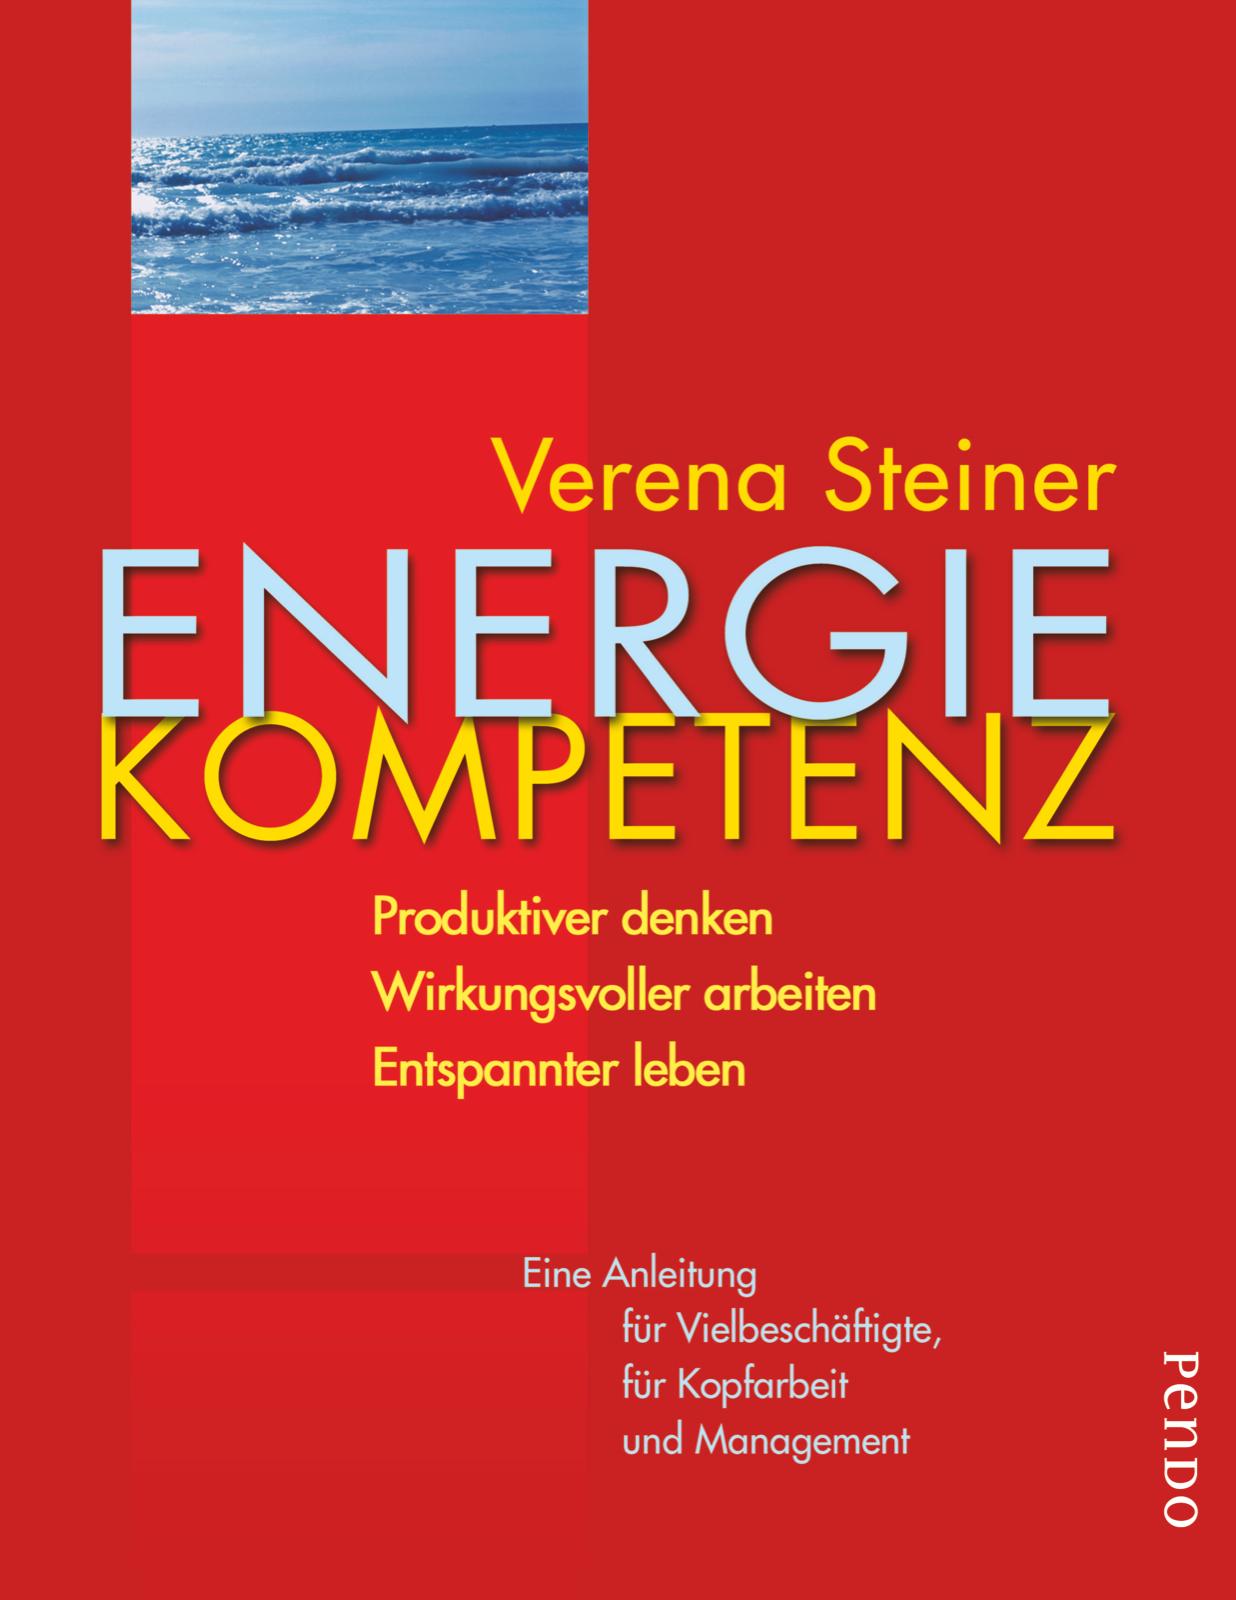 Energiekompetenz: Produktiver denken. Wirkungsvoller arbeiten. Entspannter leben. Eine Anleitung für Vielbeschäftigte, f